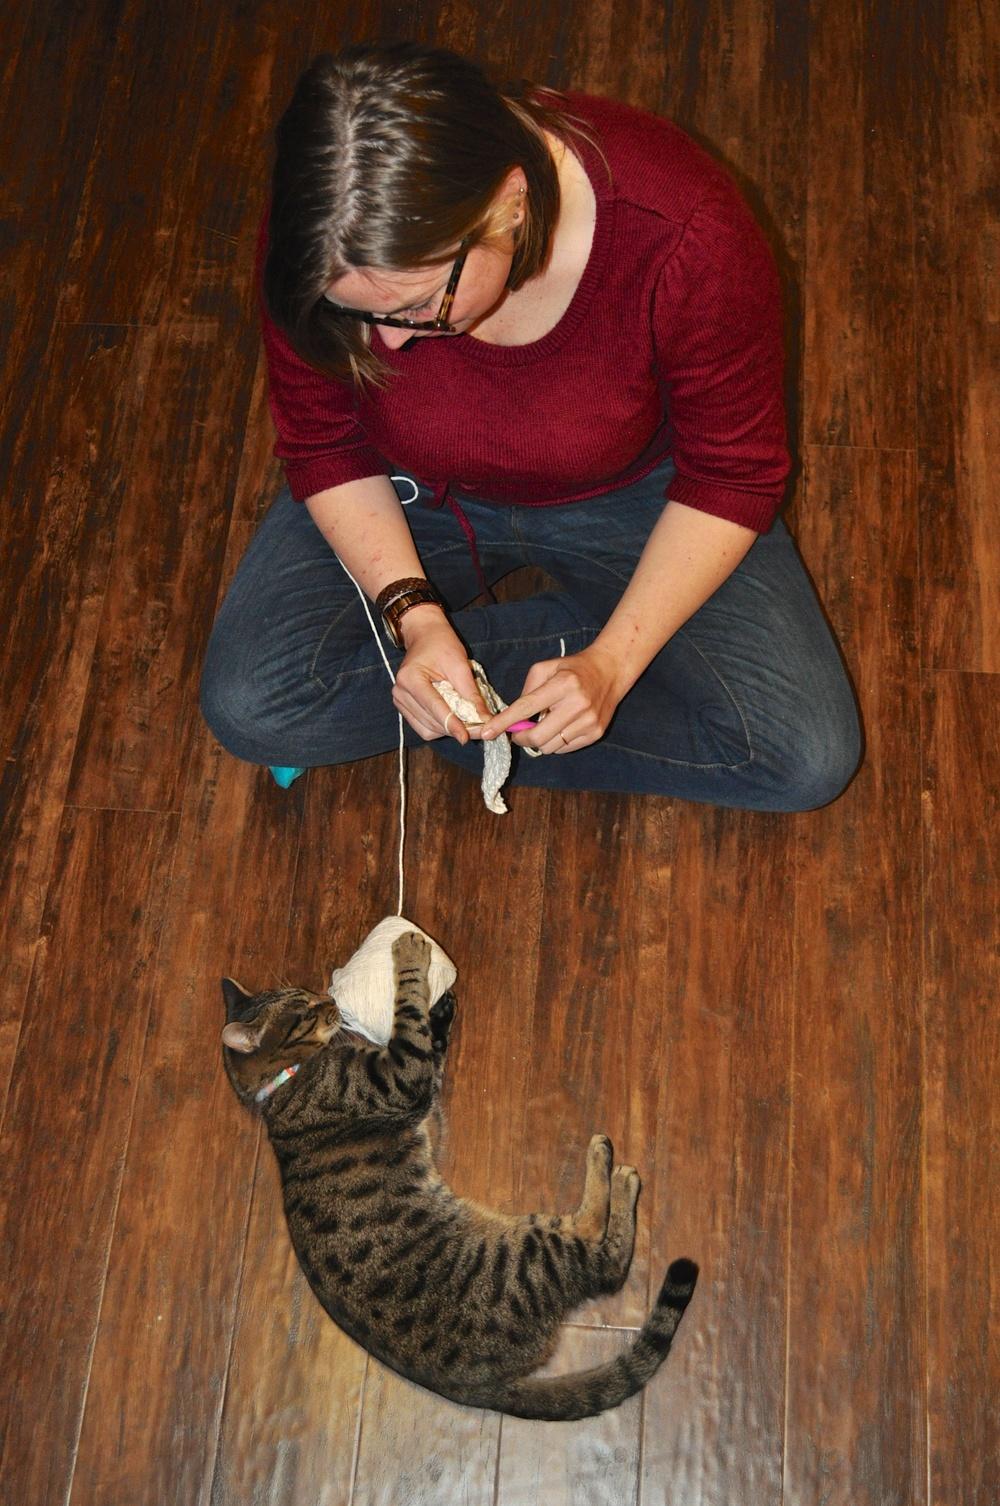 Meet Robert the Cat!